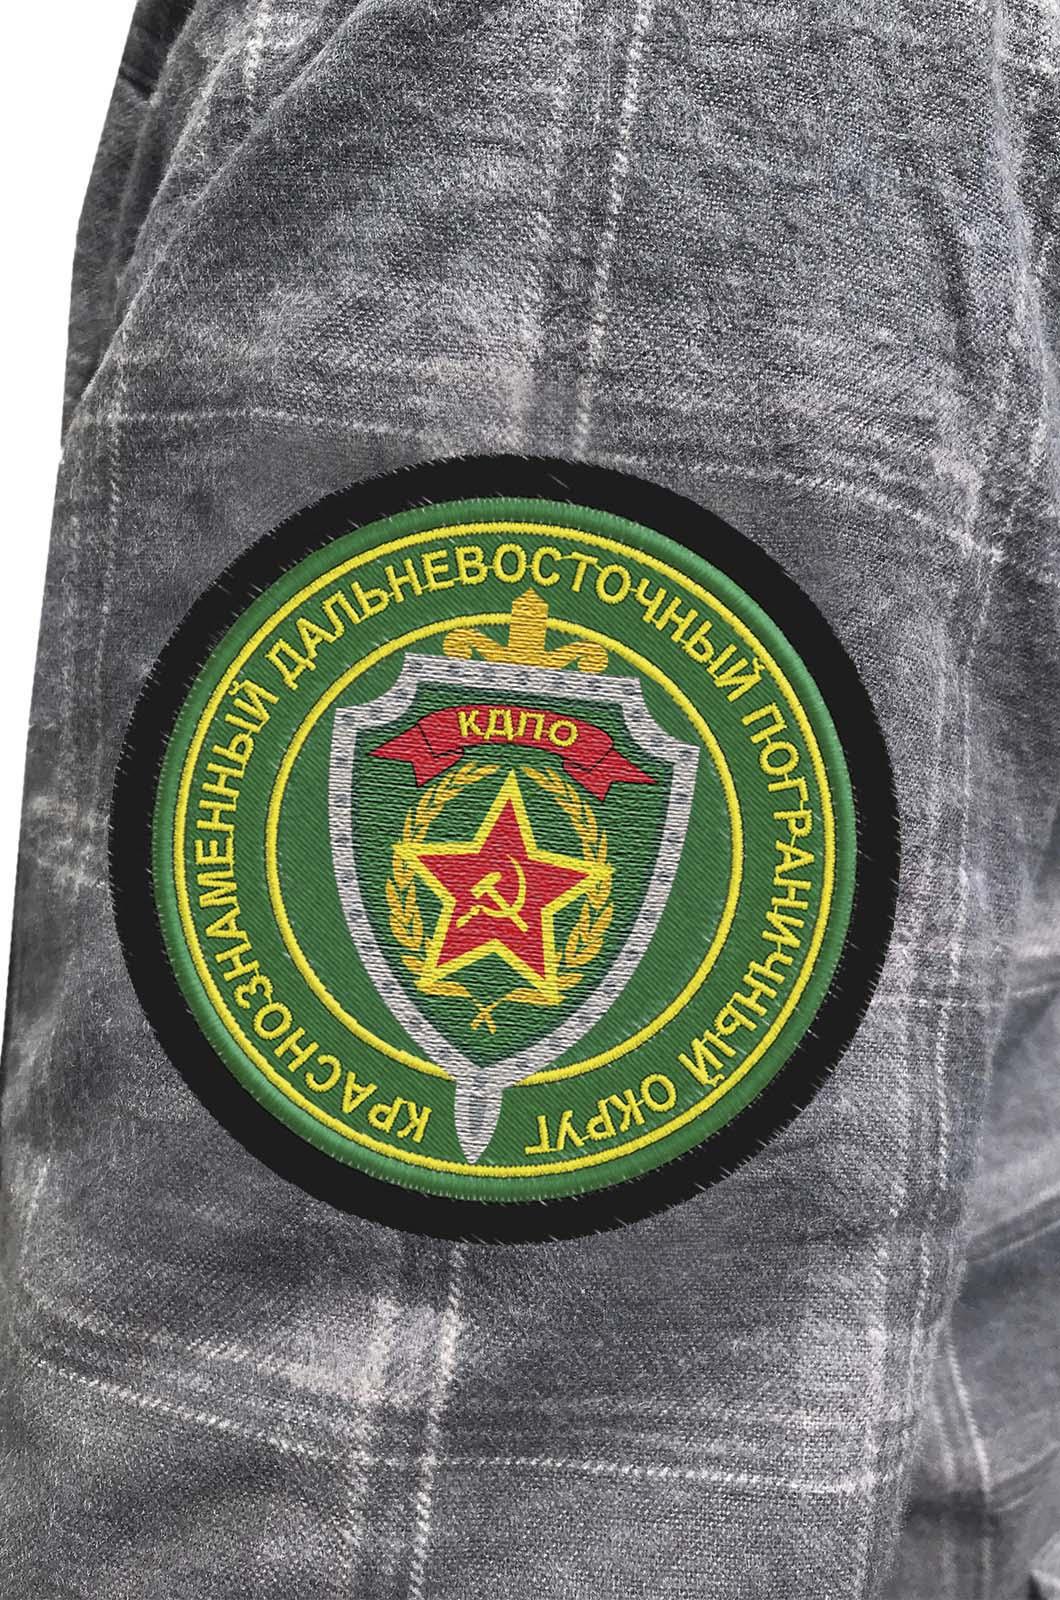 Пограничная рубашка с эмблемой КДПО купить по сбалансированной цене